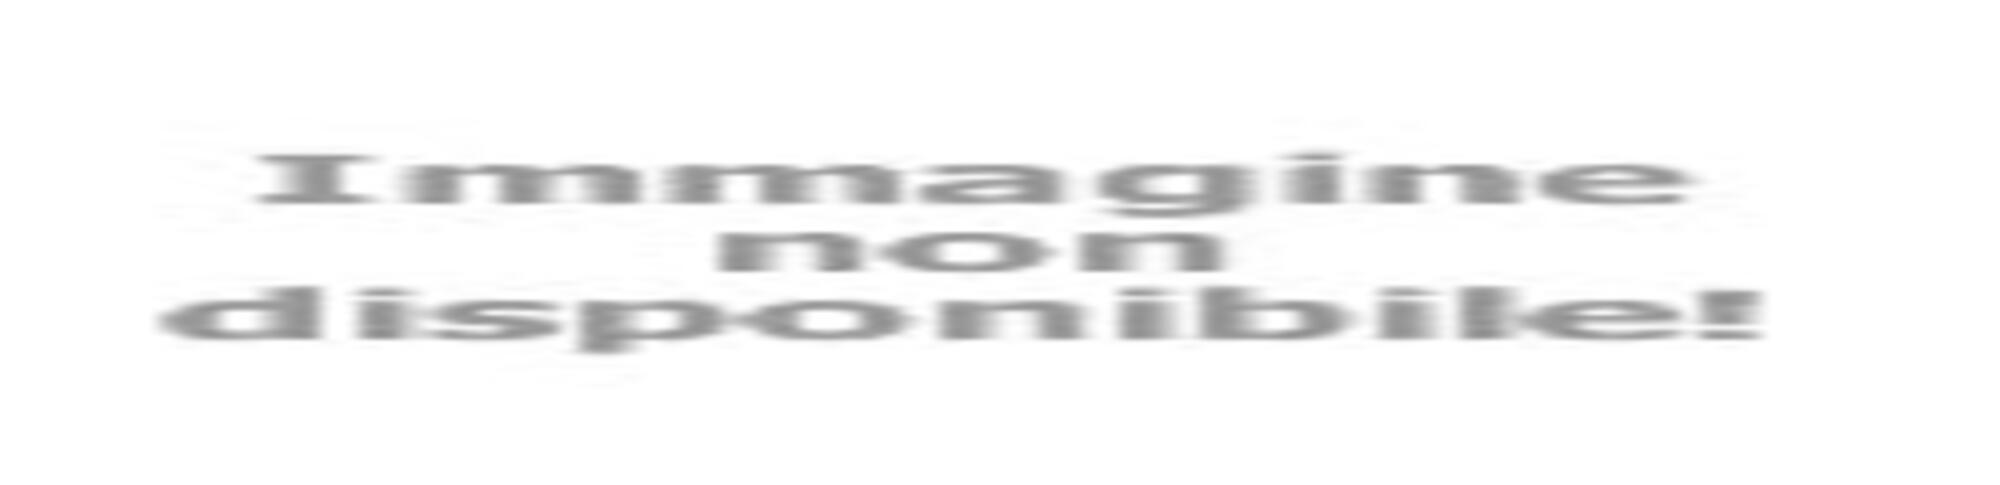 Campionato Interregionale di Calcio